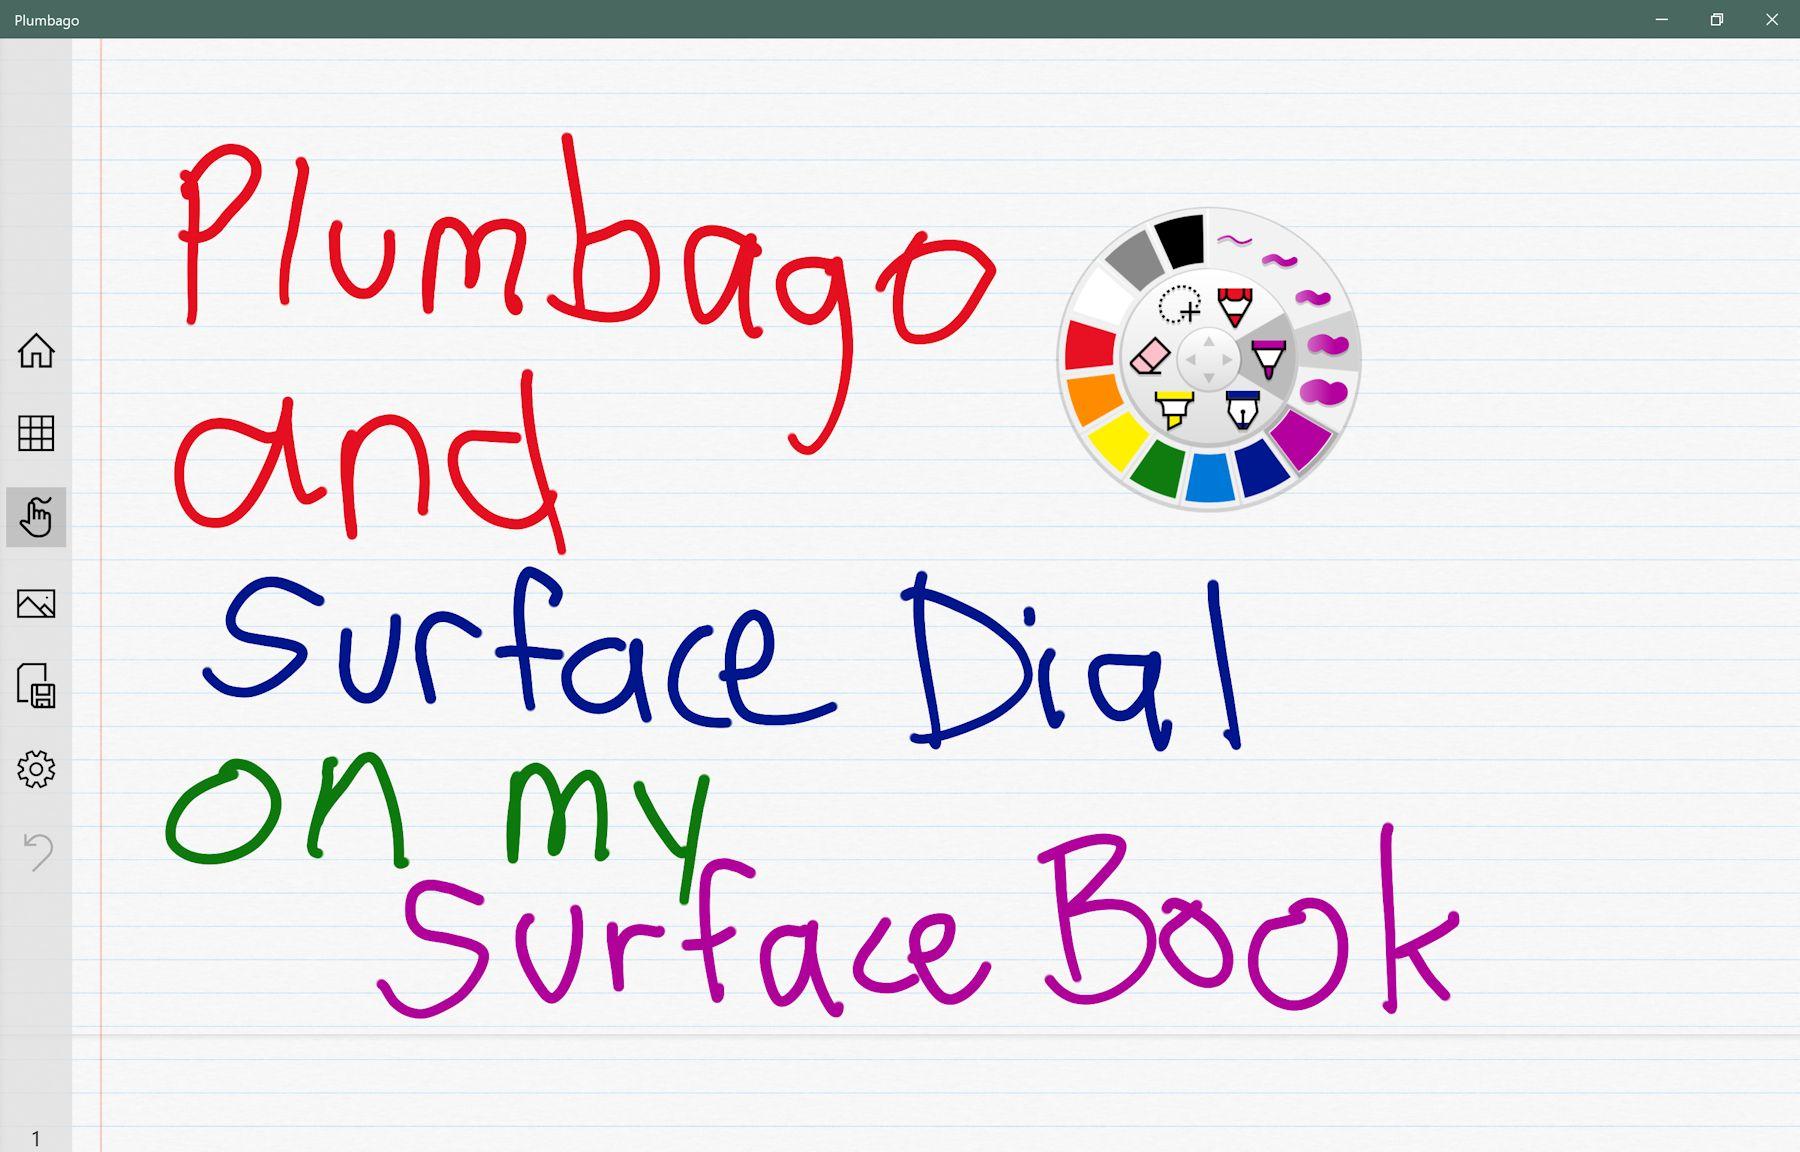 plumbago_sb_dial.jpg